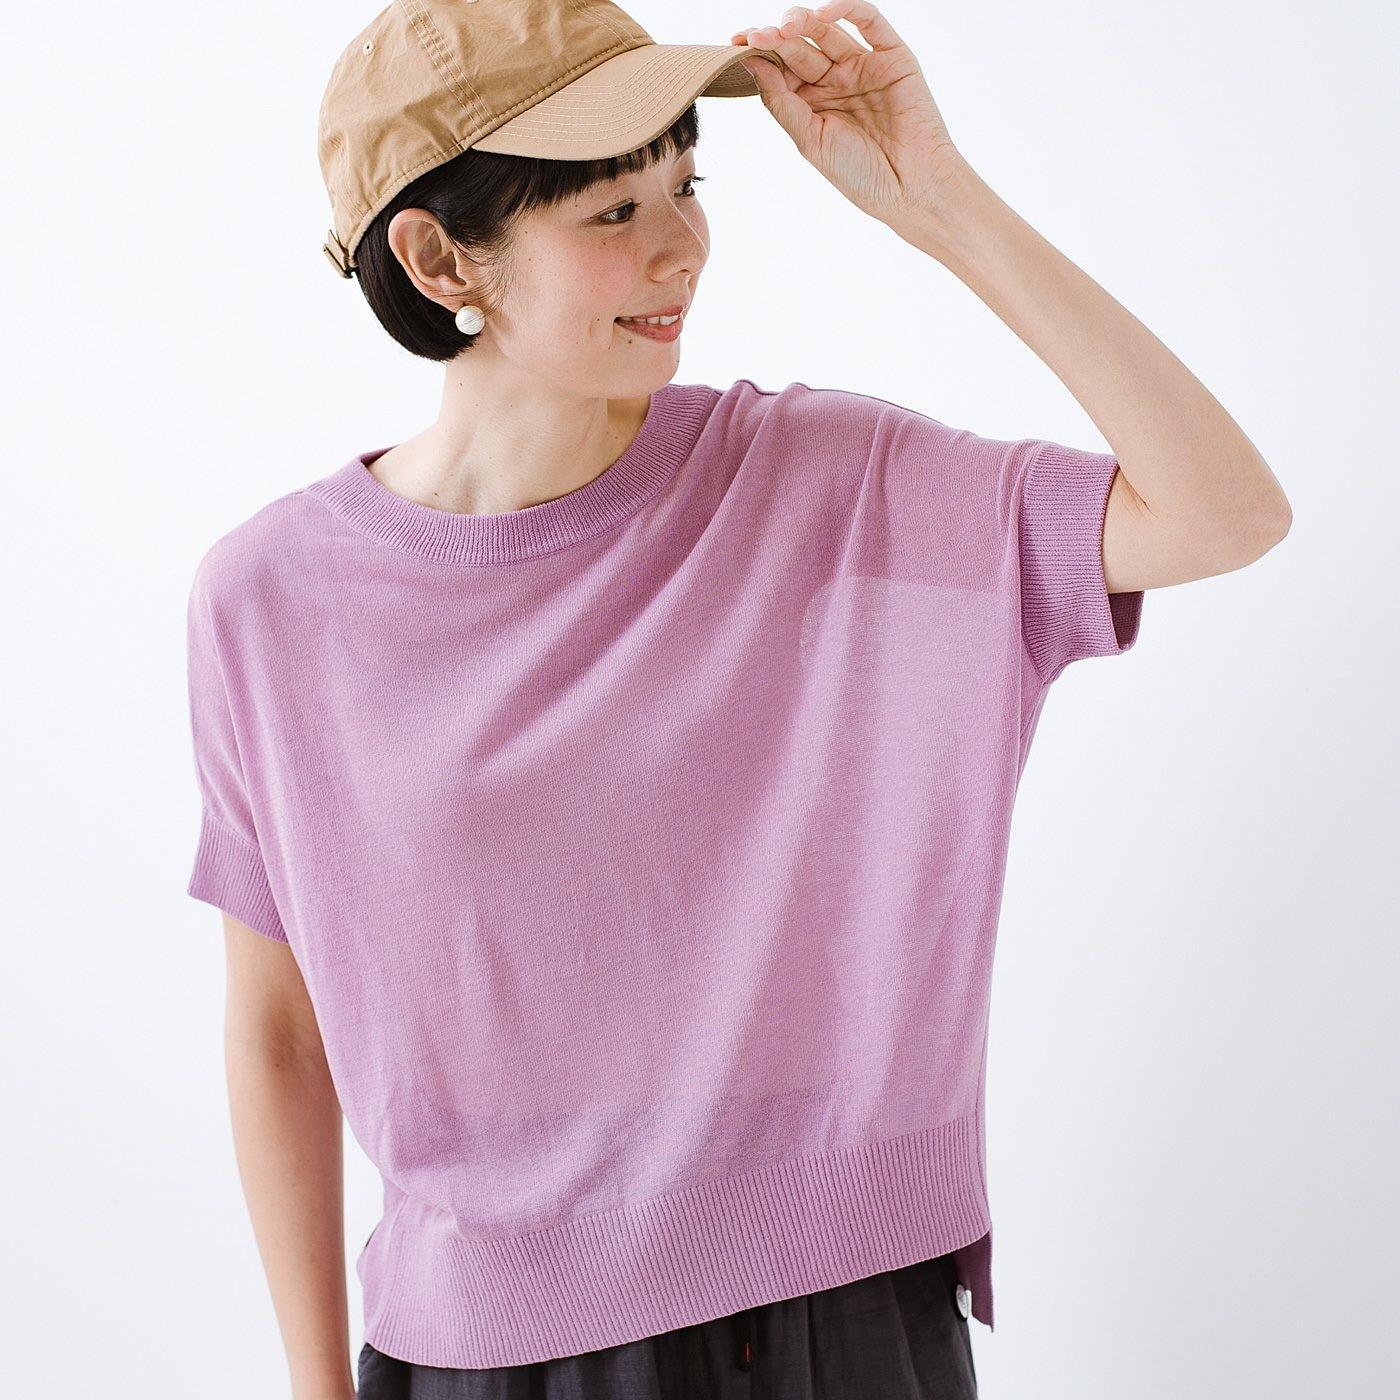 フラウグラット 大人のTシャツ代わりに毎日着たい 透け感が魅力の 麻混ニットトップスの会